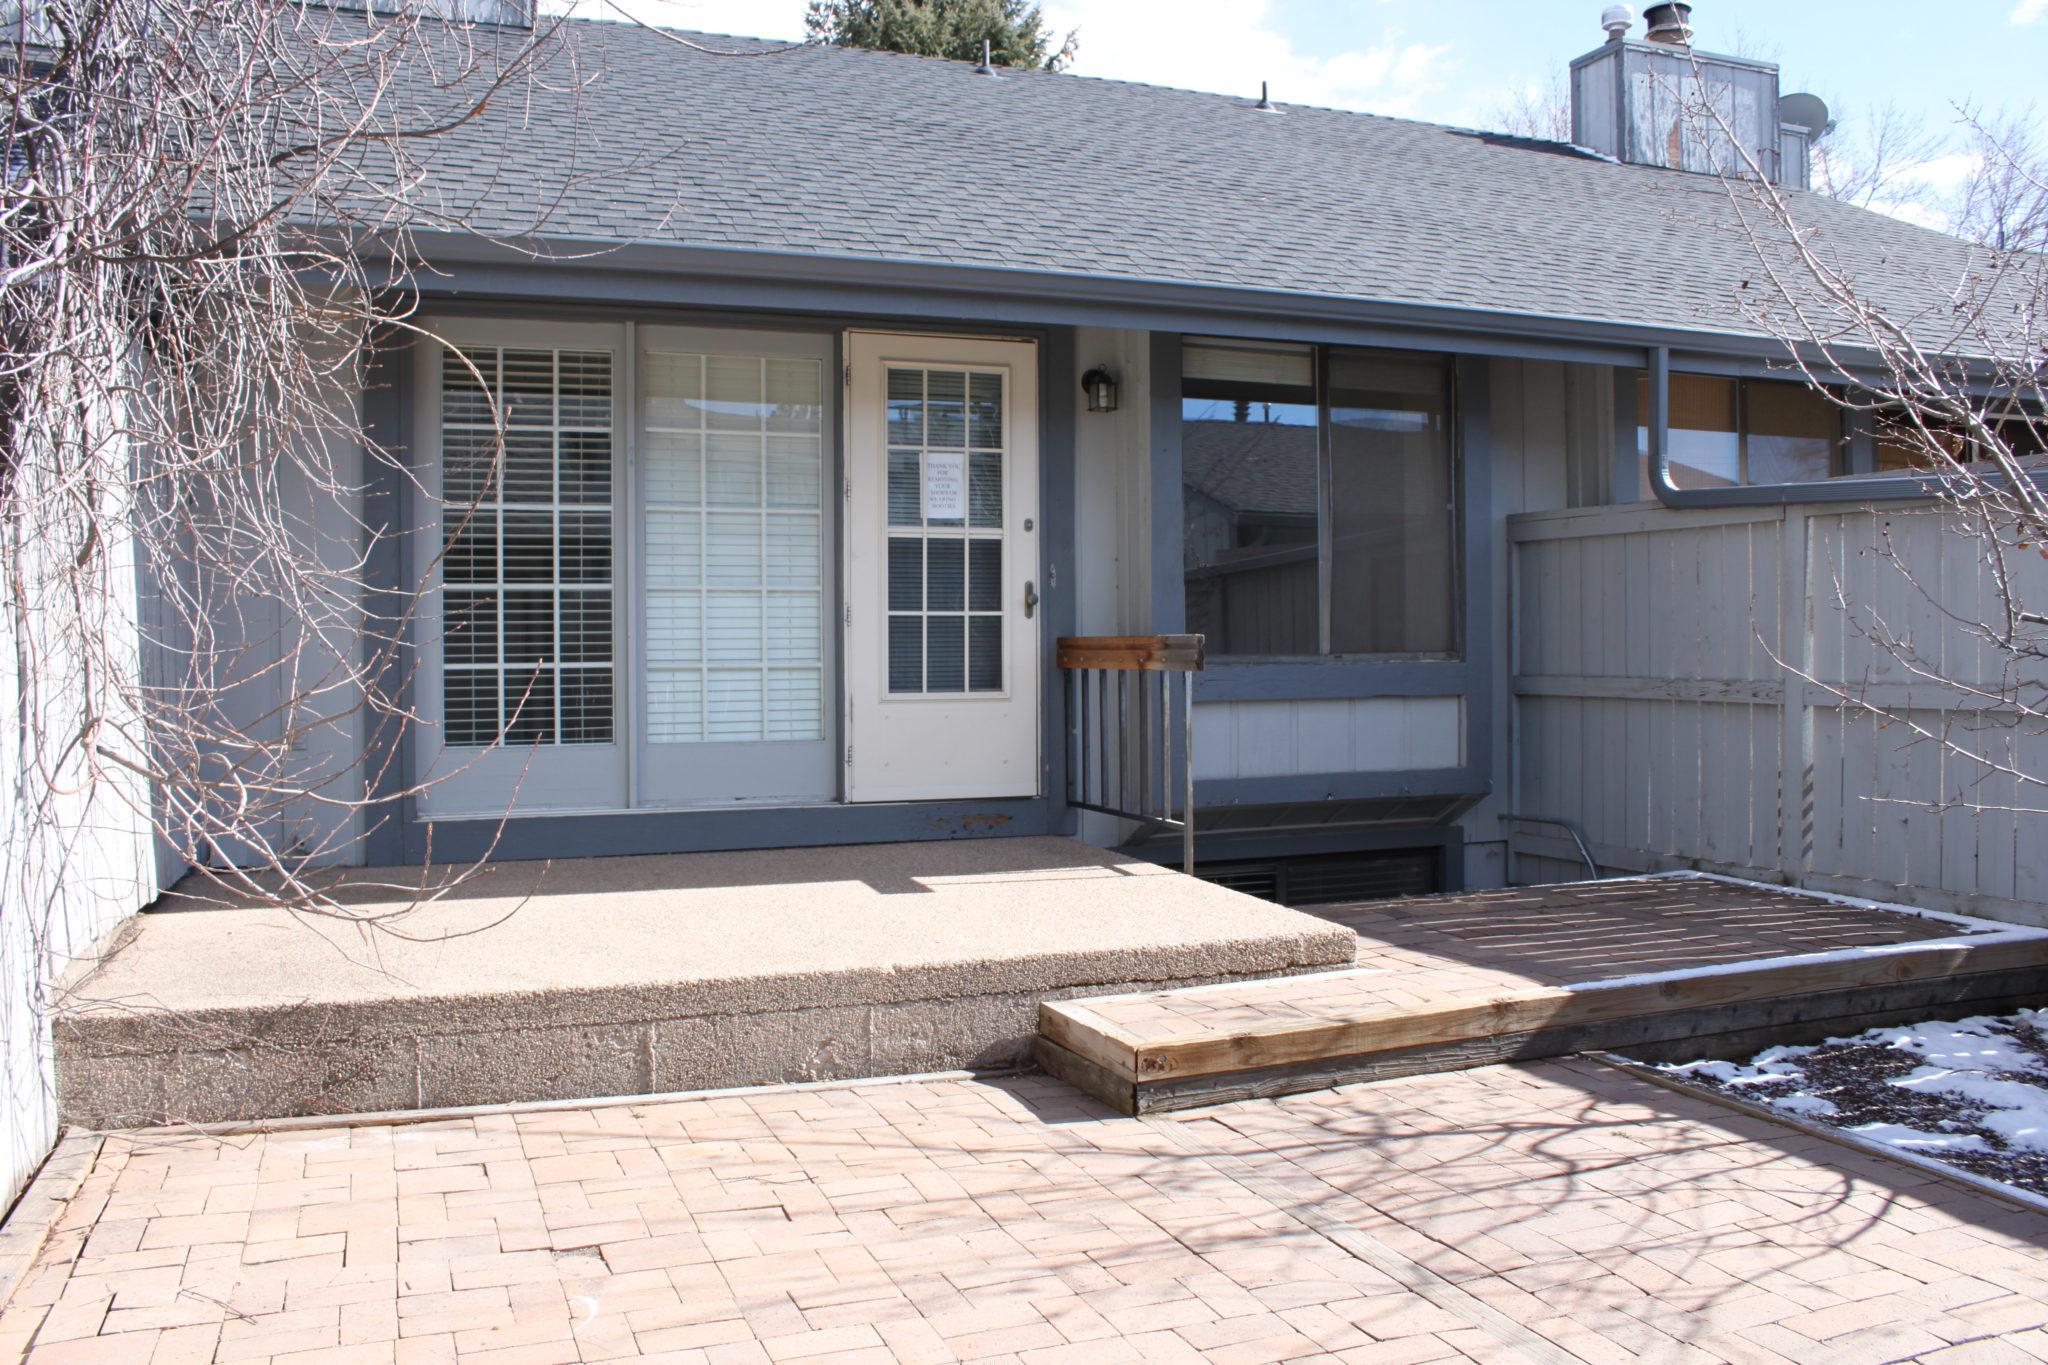 3050 W. Stuart St. #8 Fort Collins, CO 80526